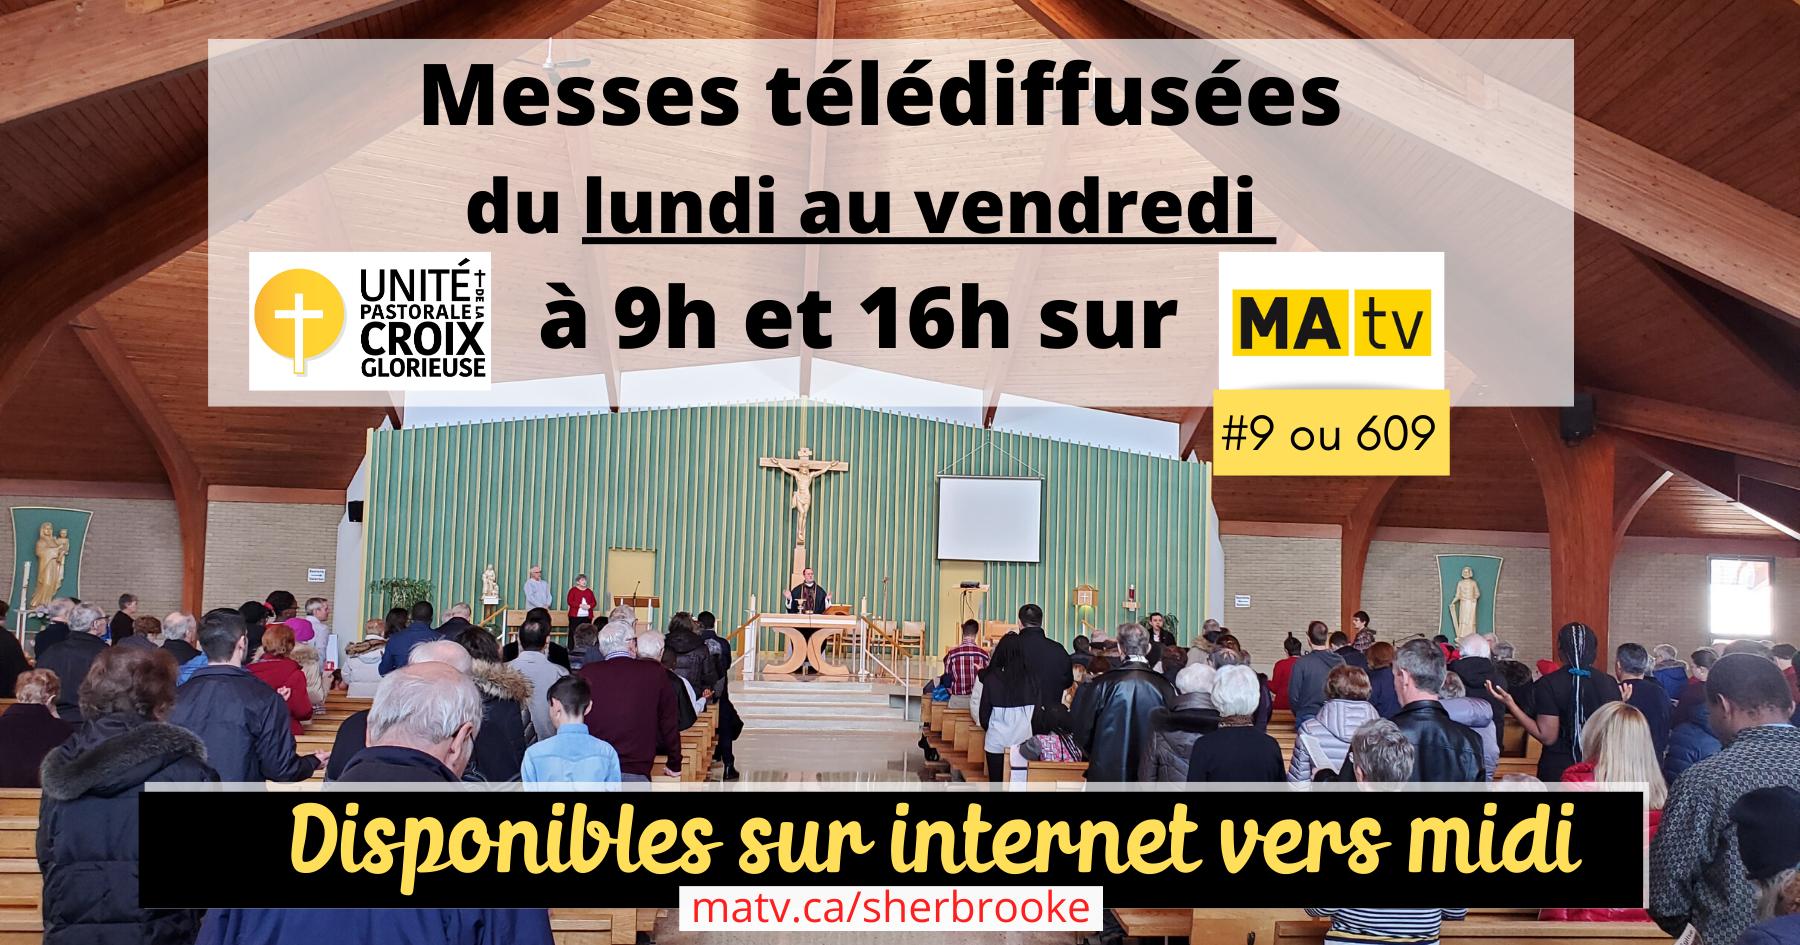 Messes télédiffusées MaTV juin 2020